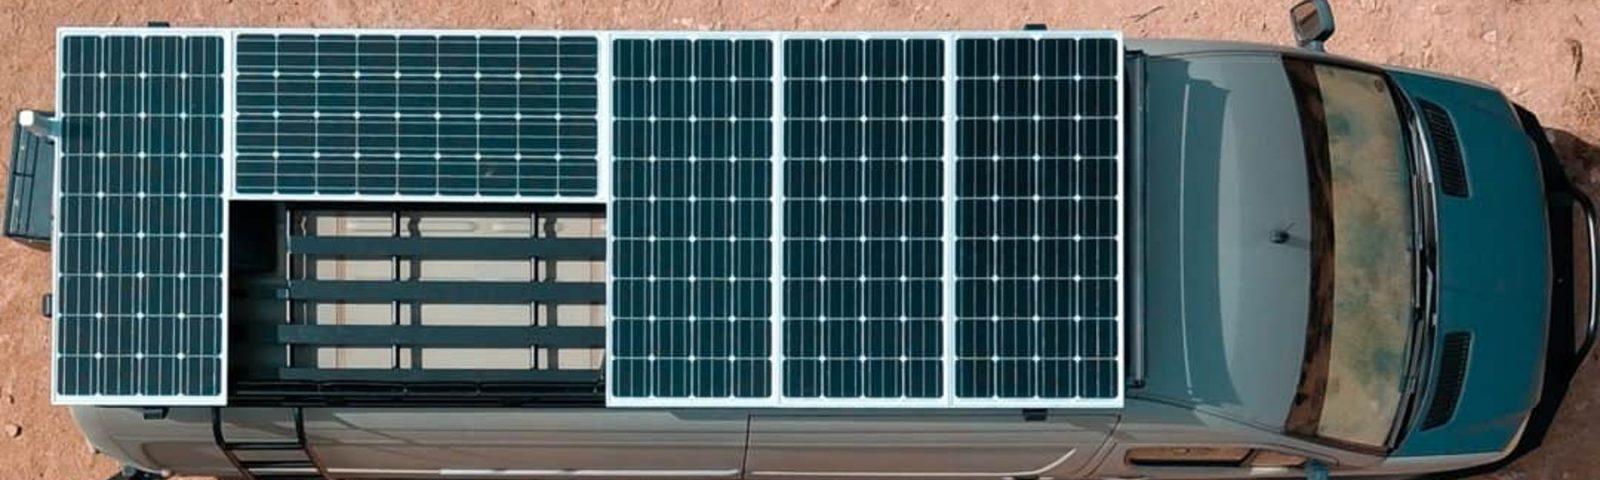 Instalación placas solares furgonetas camper